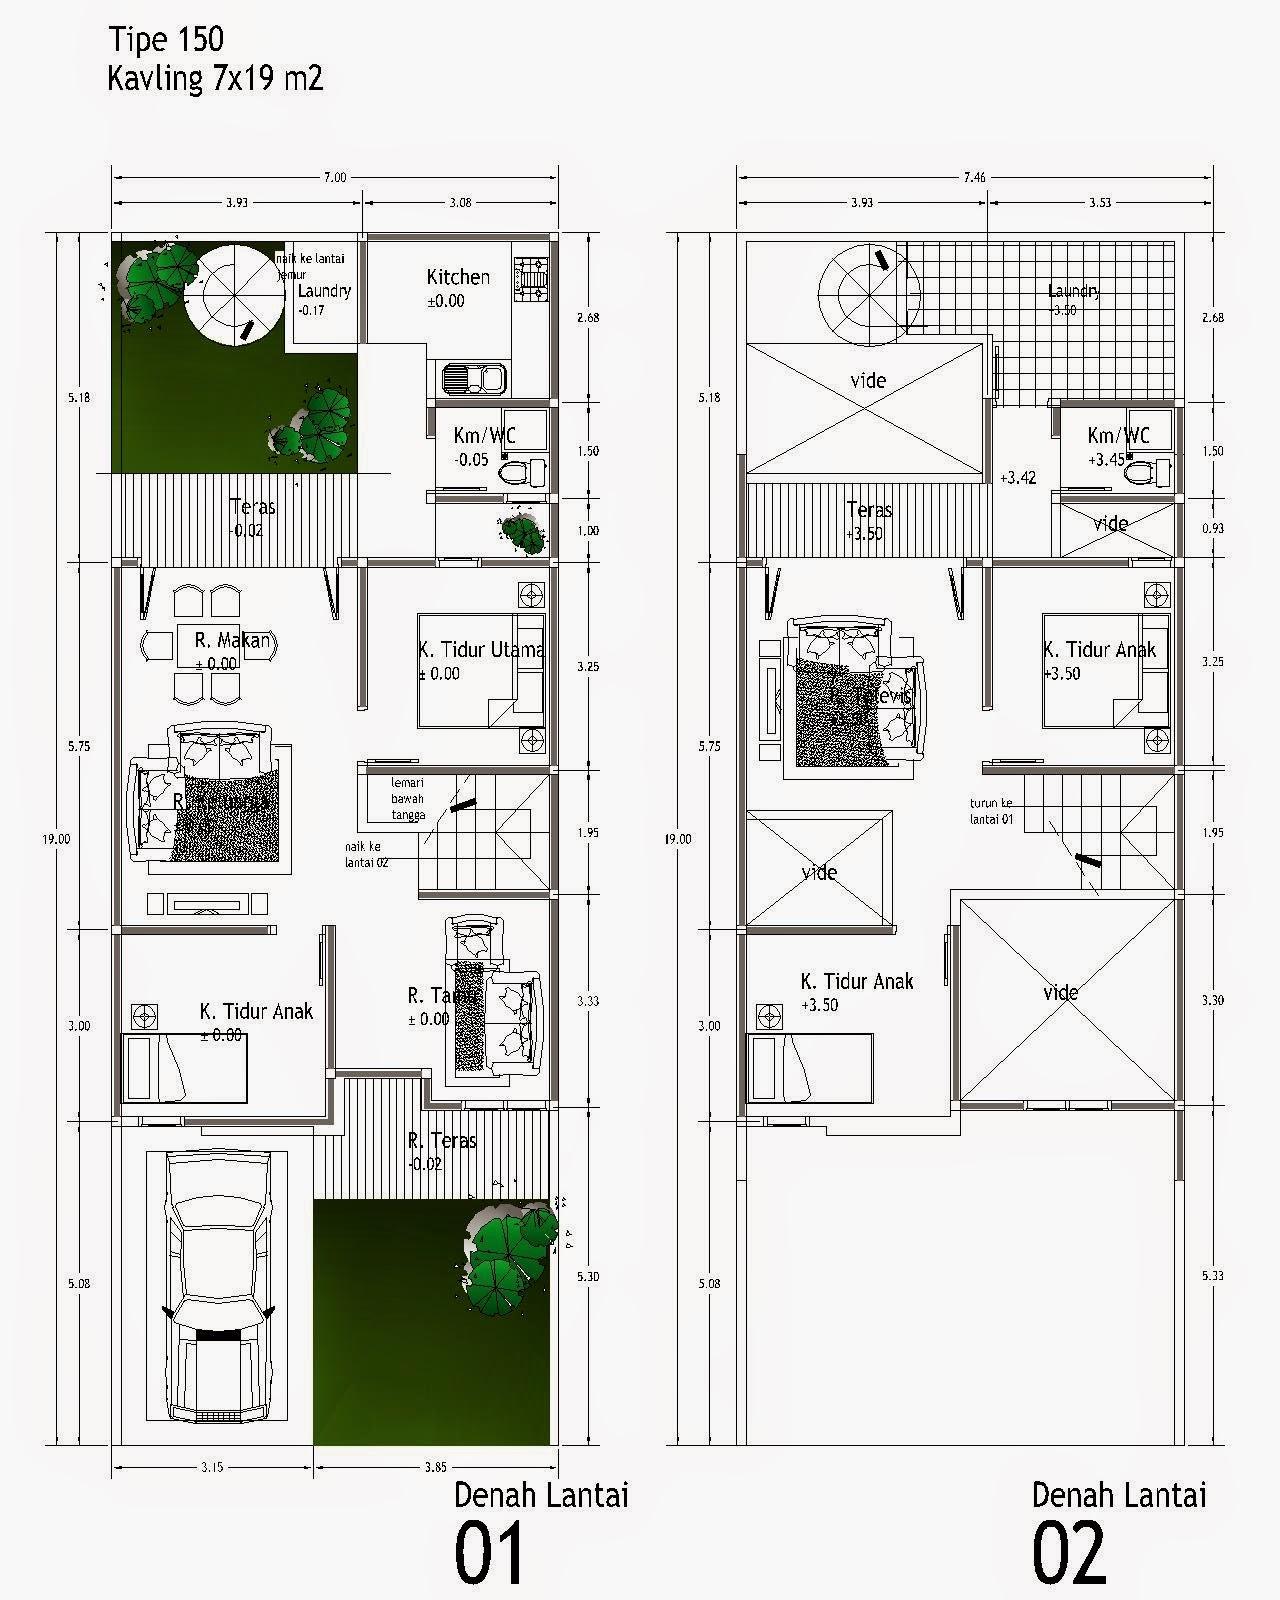 Cara Gampang Mendesain Rumah Merancang Desain Denah Rumah